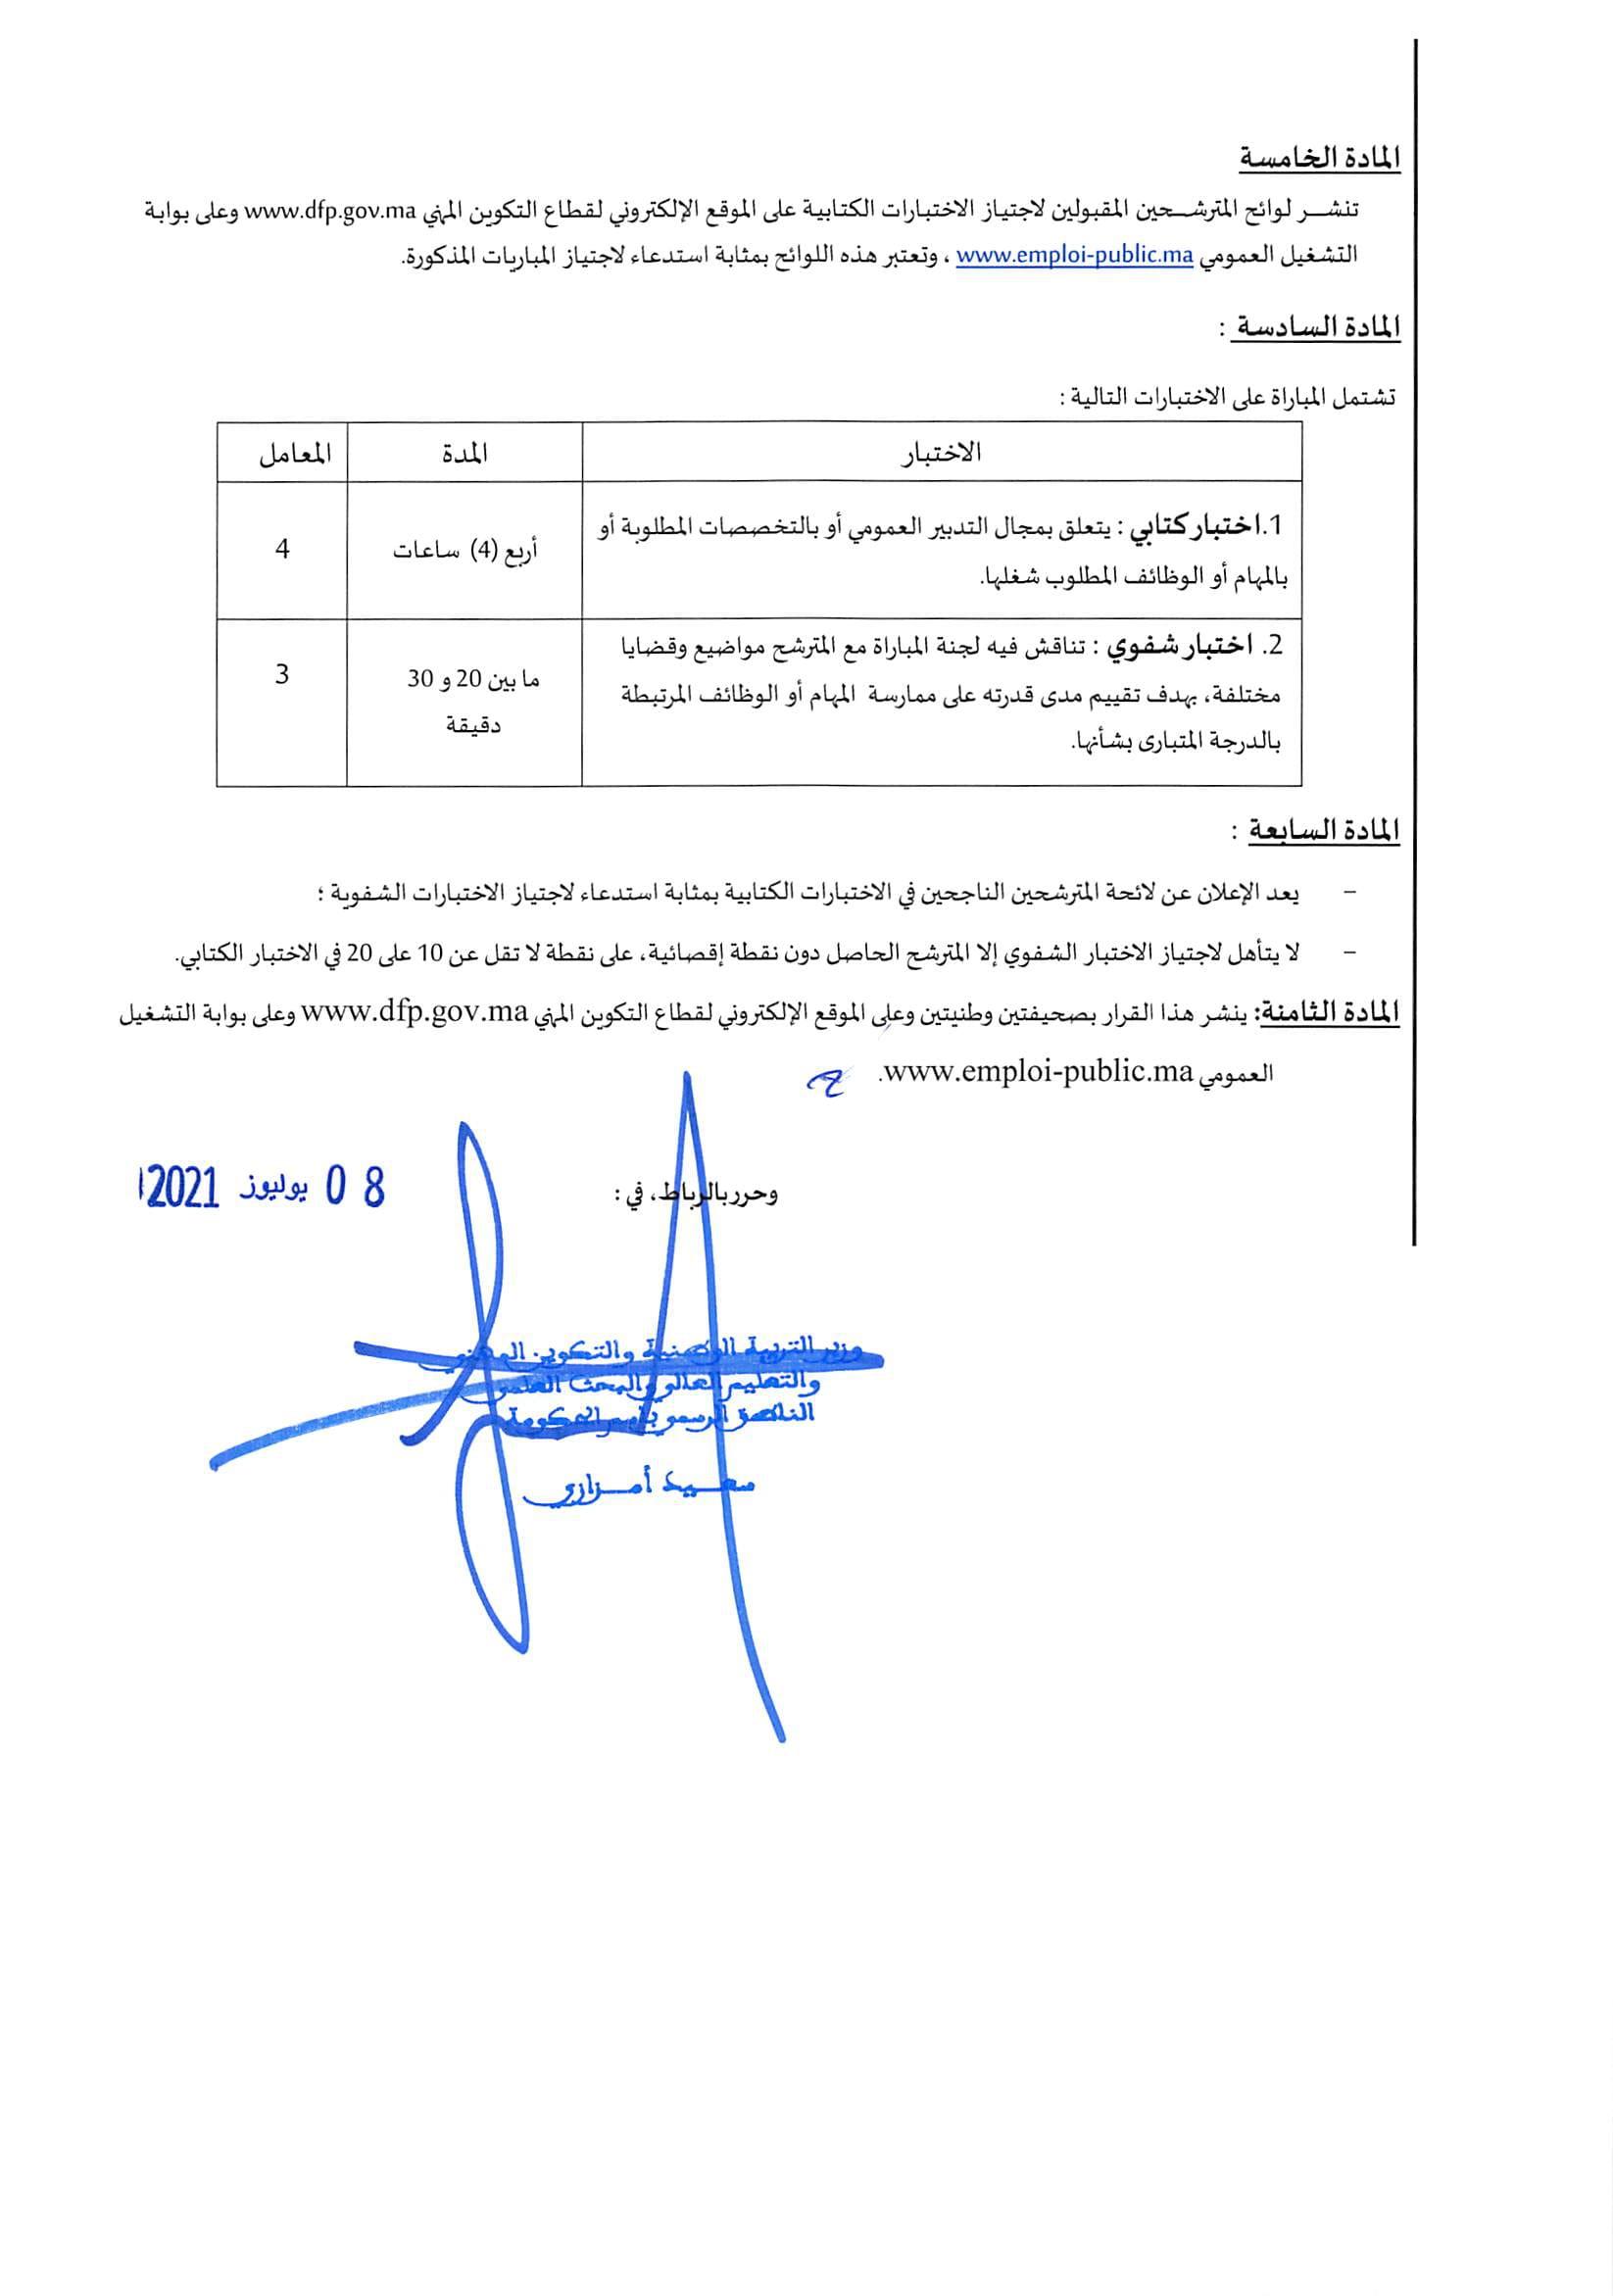 235 3 Résultats Concours Ministère de l'Education Nationale 2021 (10 Postes)